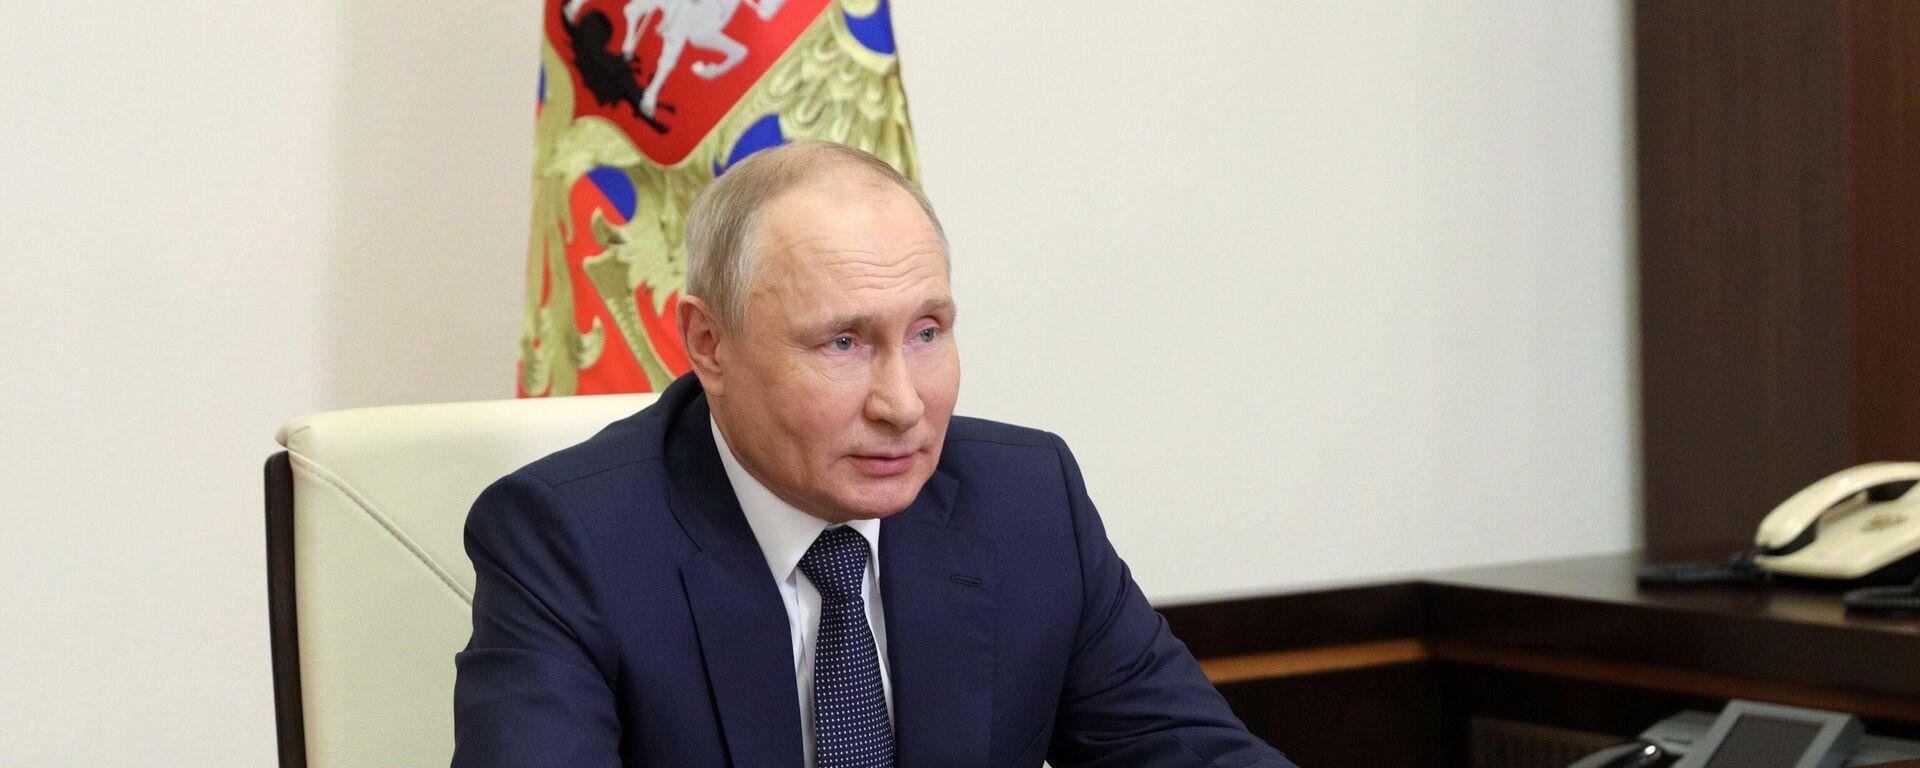 Президент РФ В. Путин провел совещание по реализации отдельных положений его послания Федеральному собранию - Sputnik Таджикистан, 1920, 04.06.2021